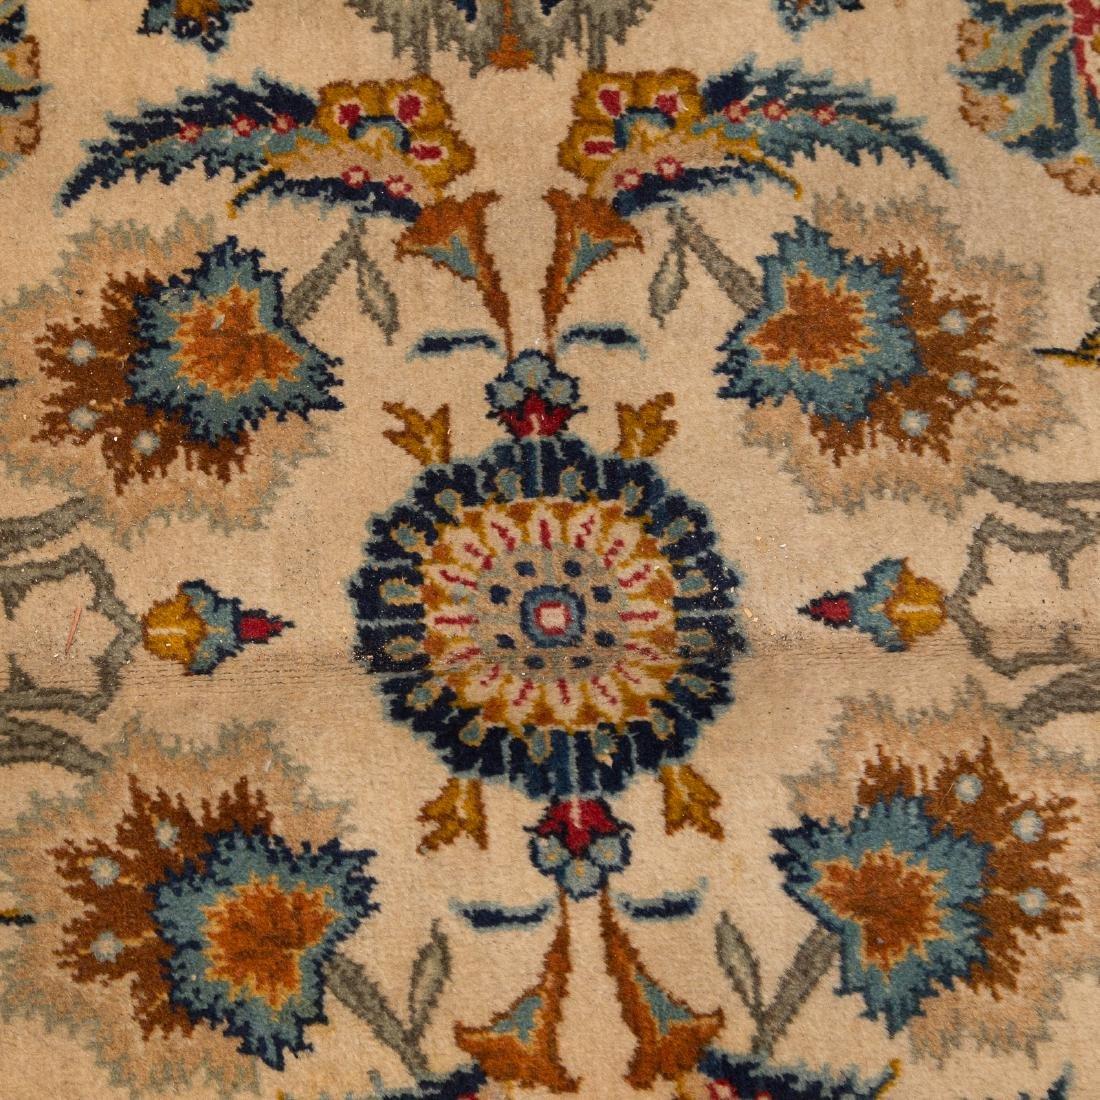 Persian Keshan rug, approx. 6.5 x 10.3 - 4